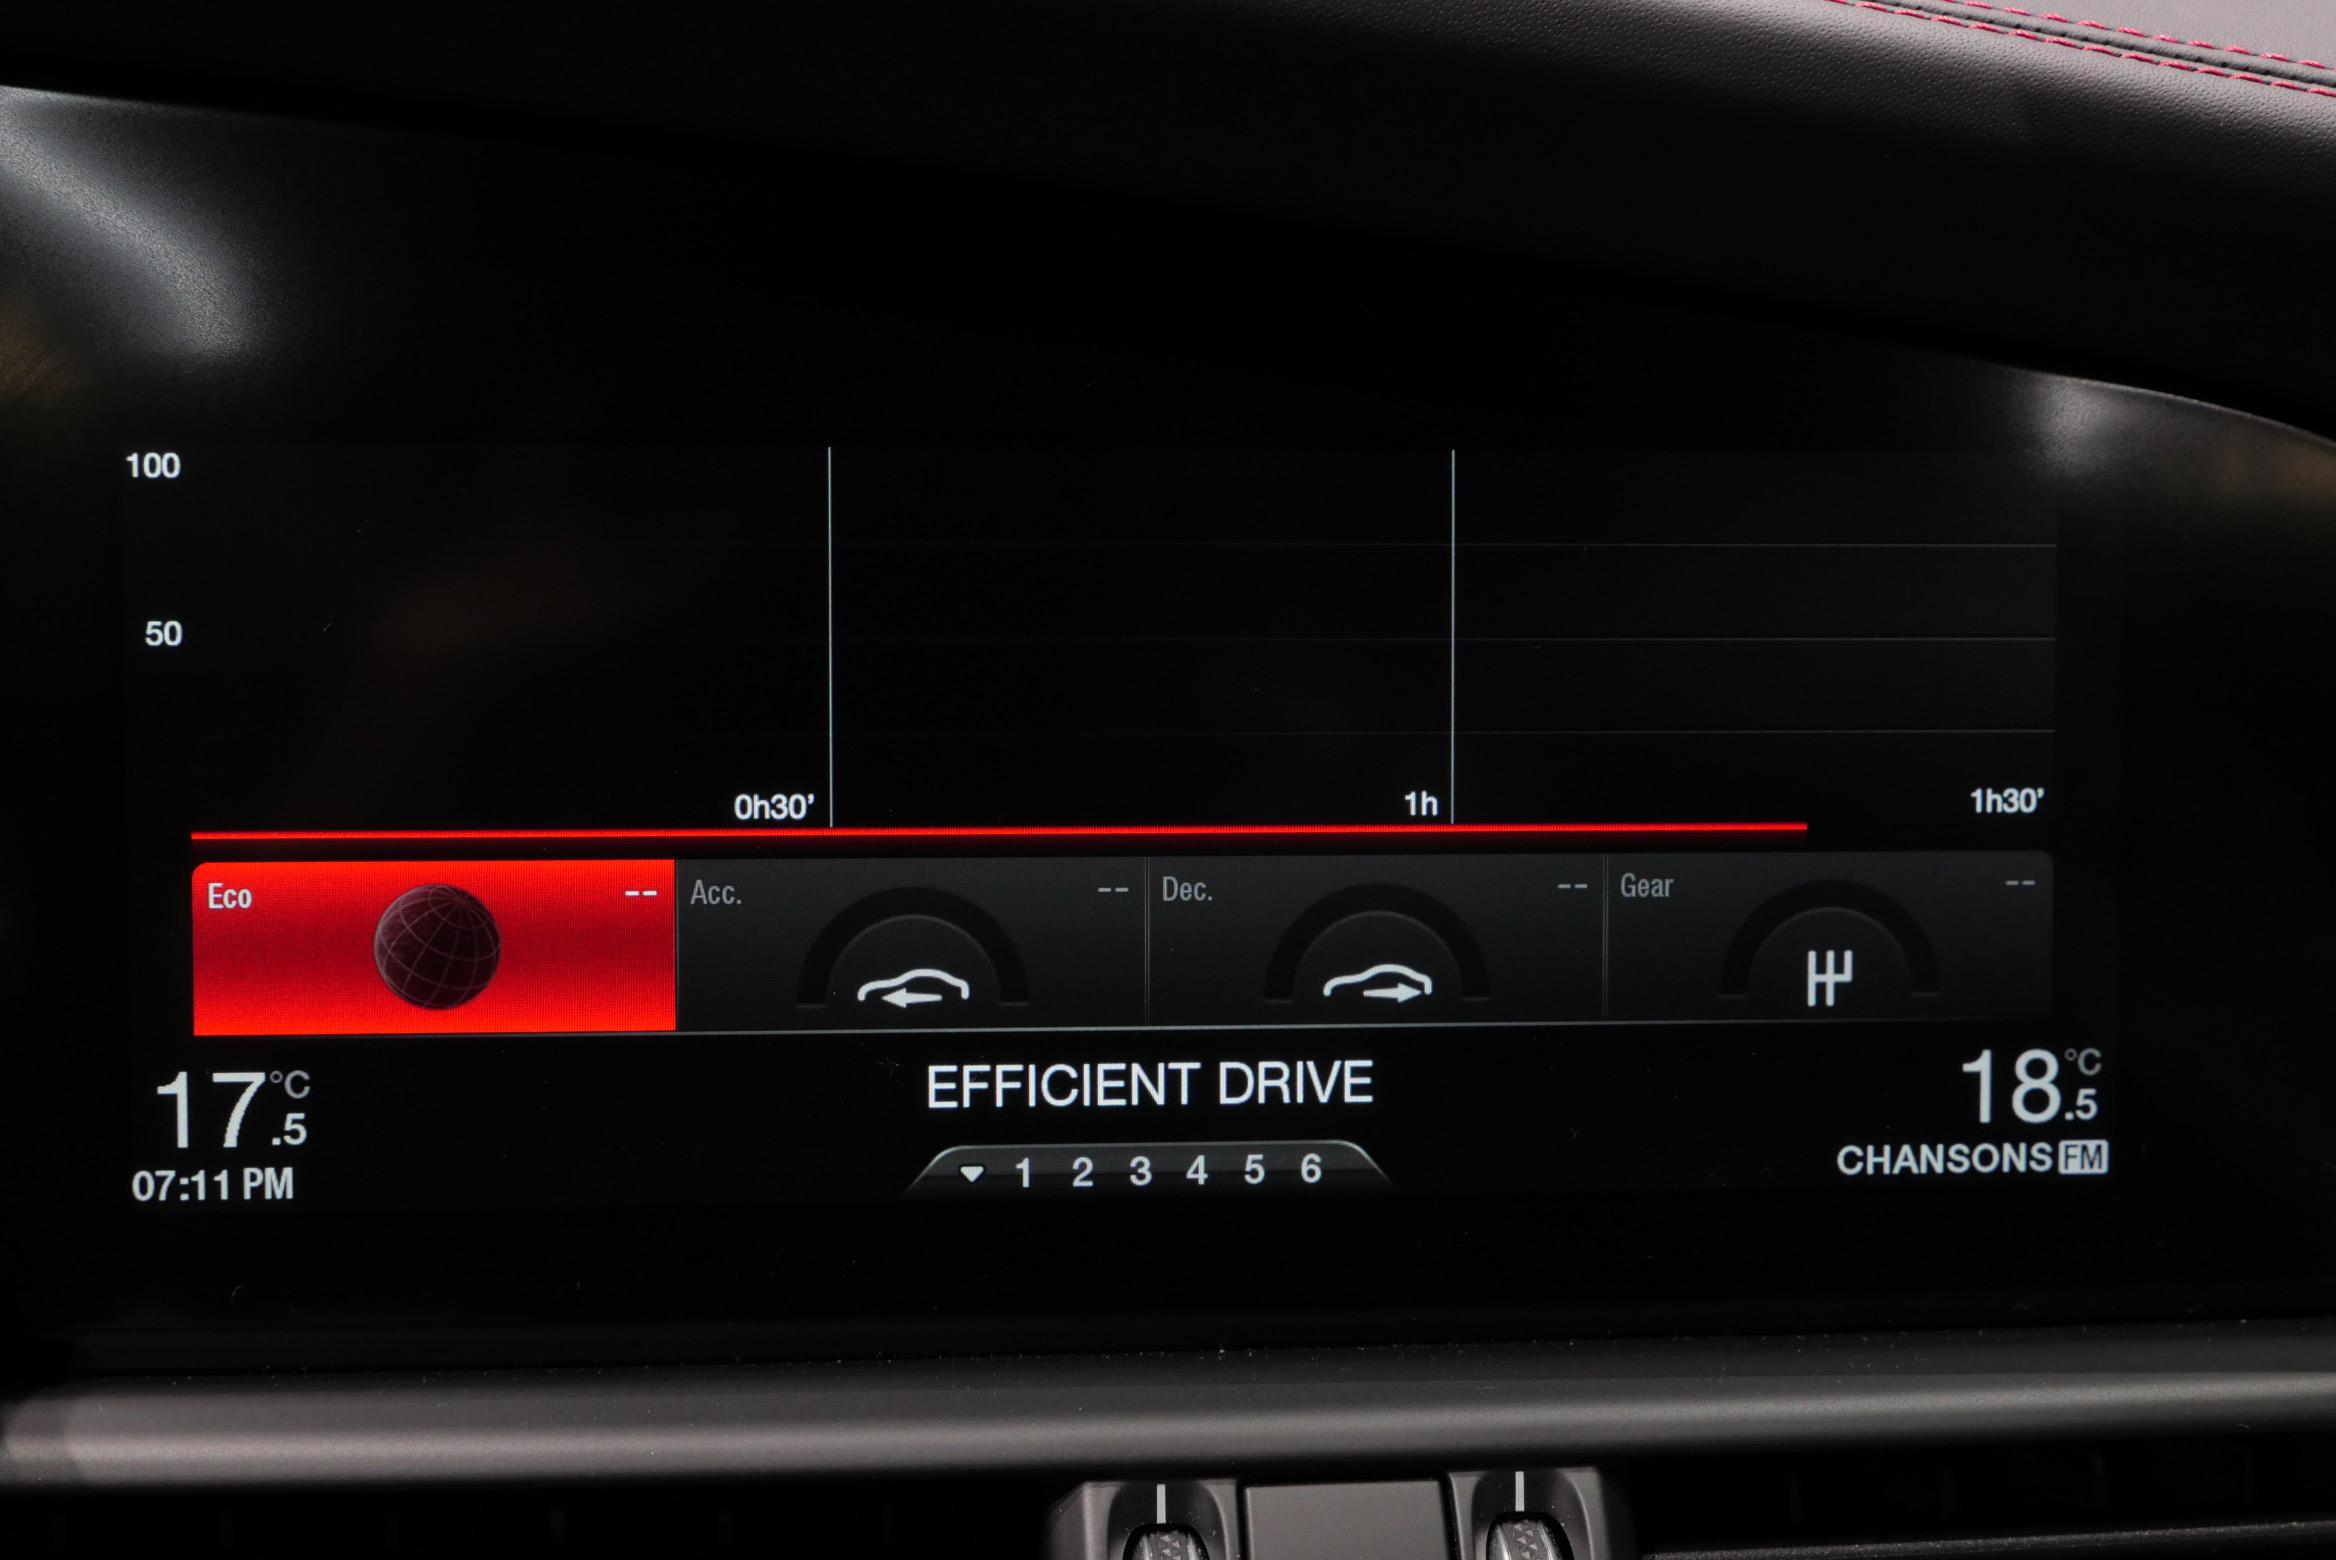 Alfa Romeo Giulia Quadrifoglio cockpit screen